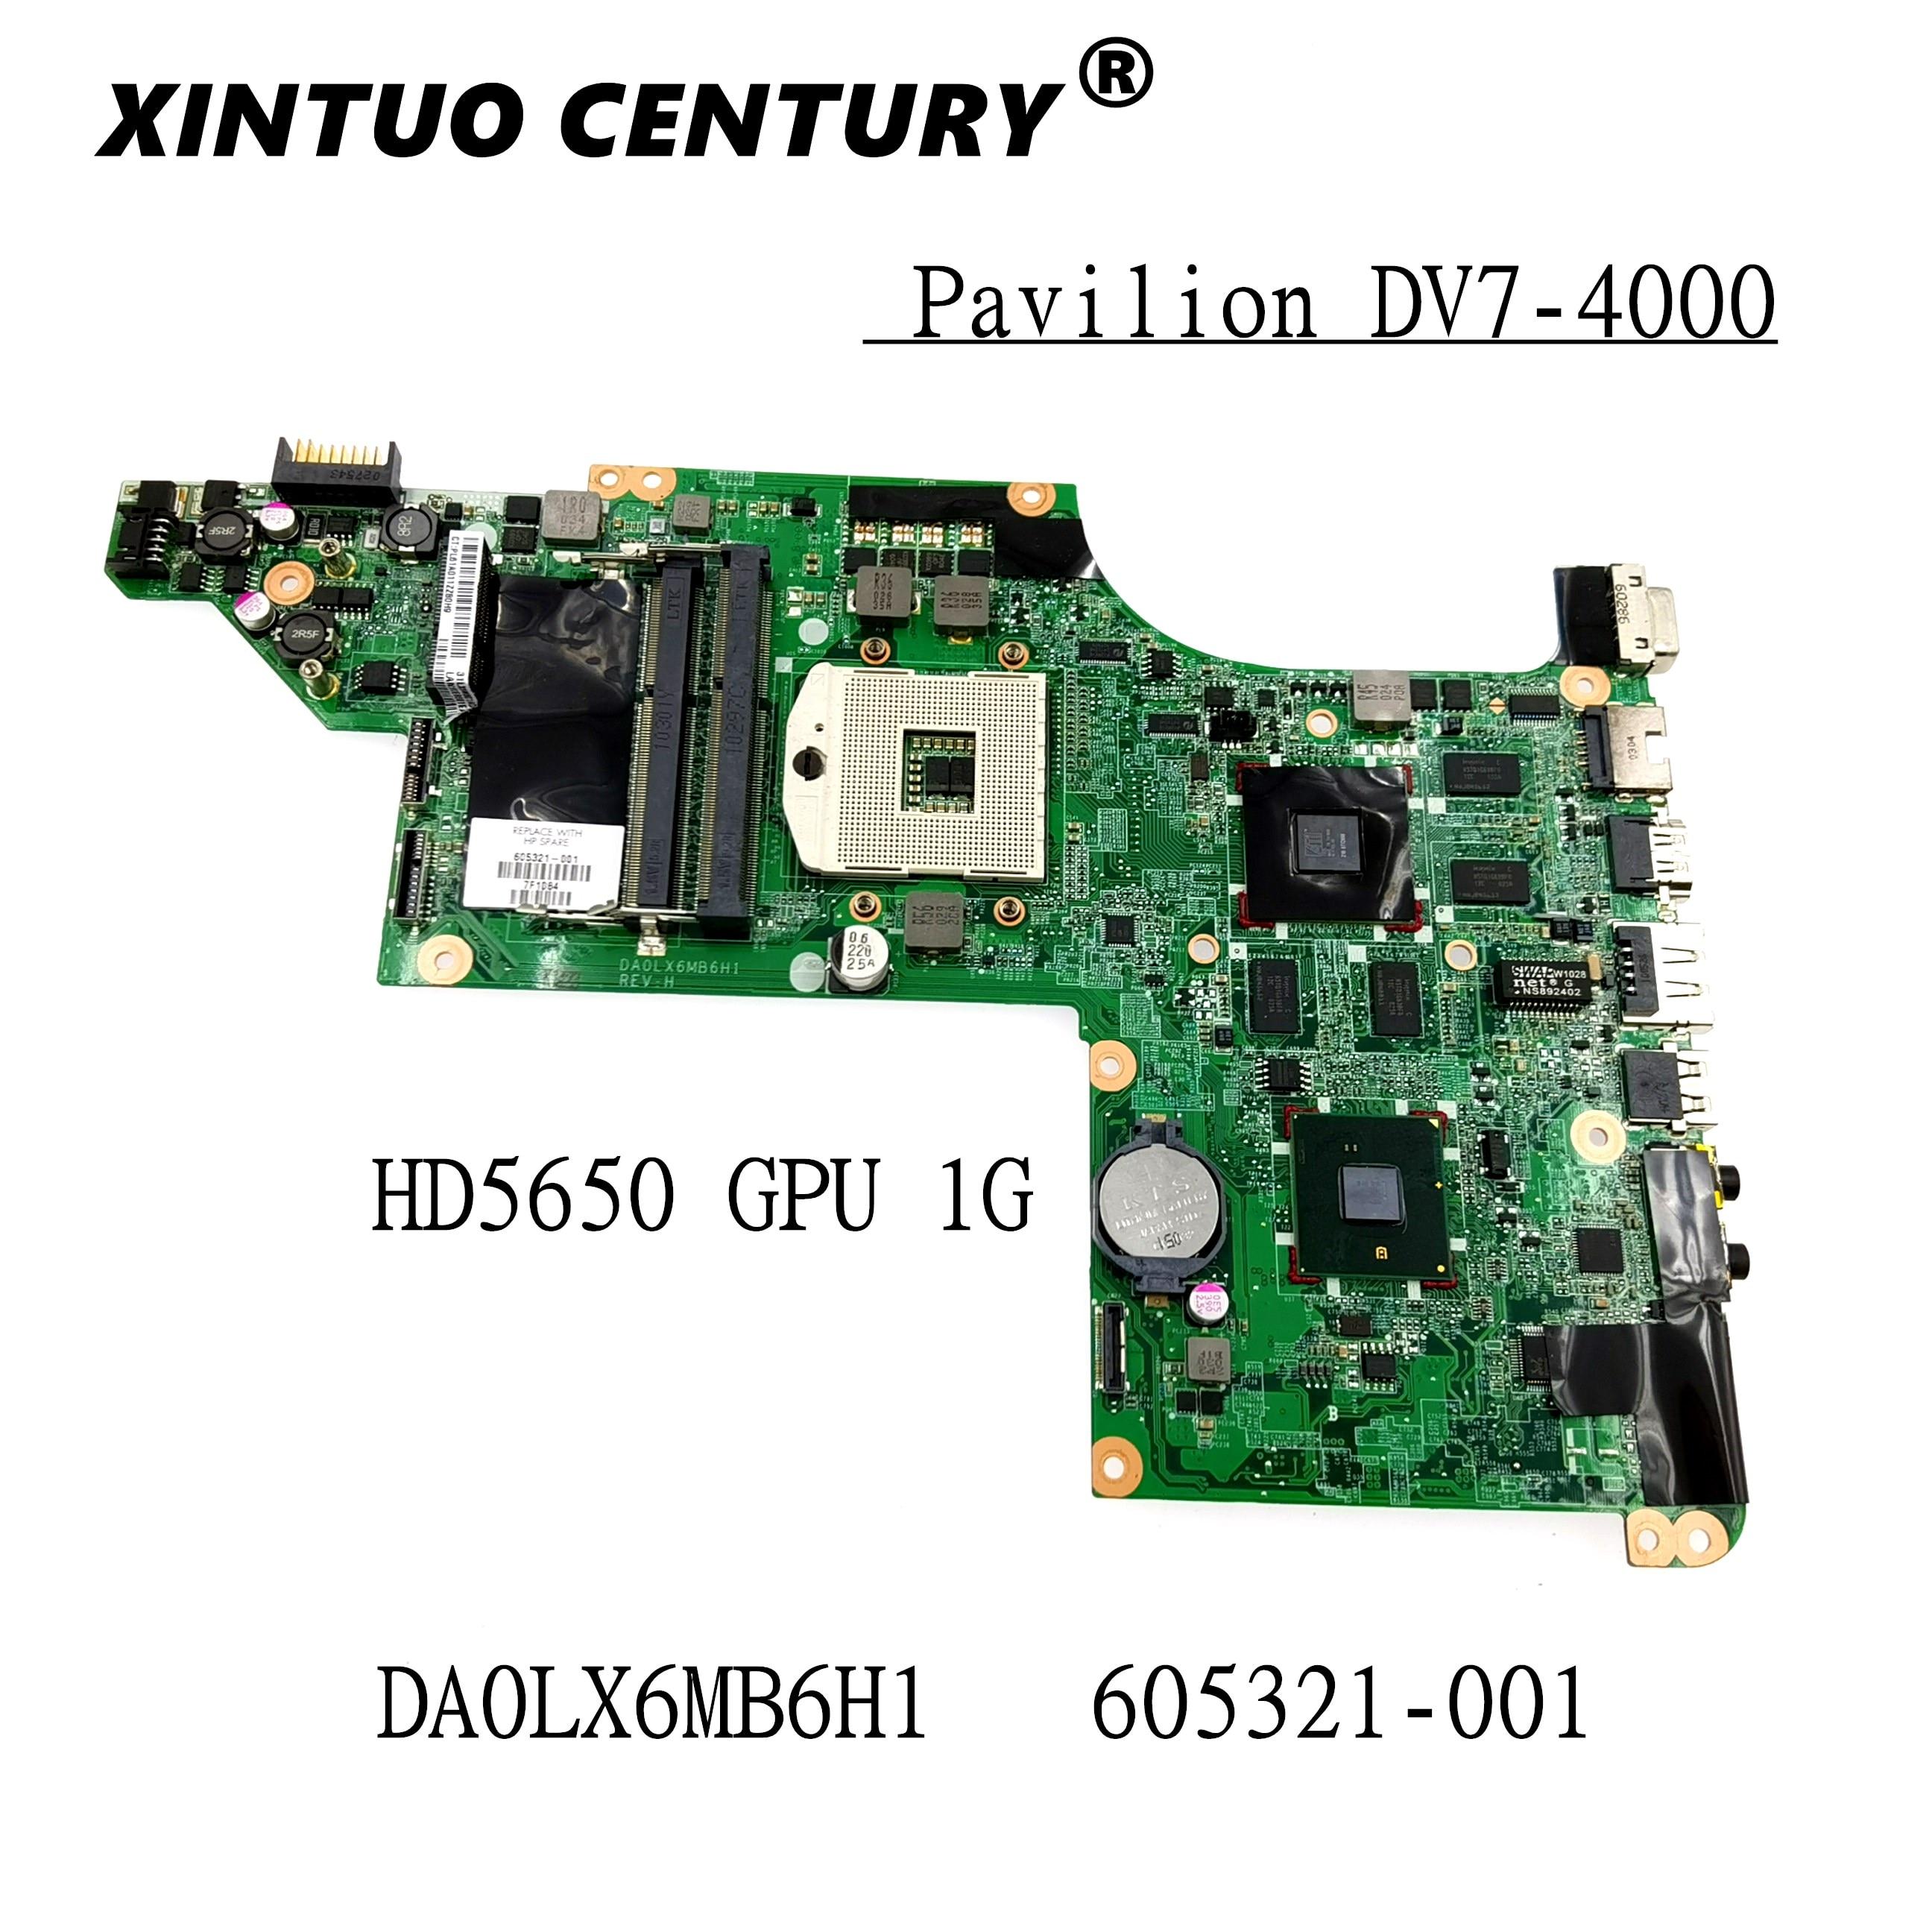 Placa base para HP dv7-4000 DV7T, DA0LX6MB6G2, DA0LX6MB6F1, DA0LX6MB6H1, 605321-001